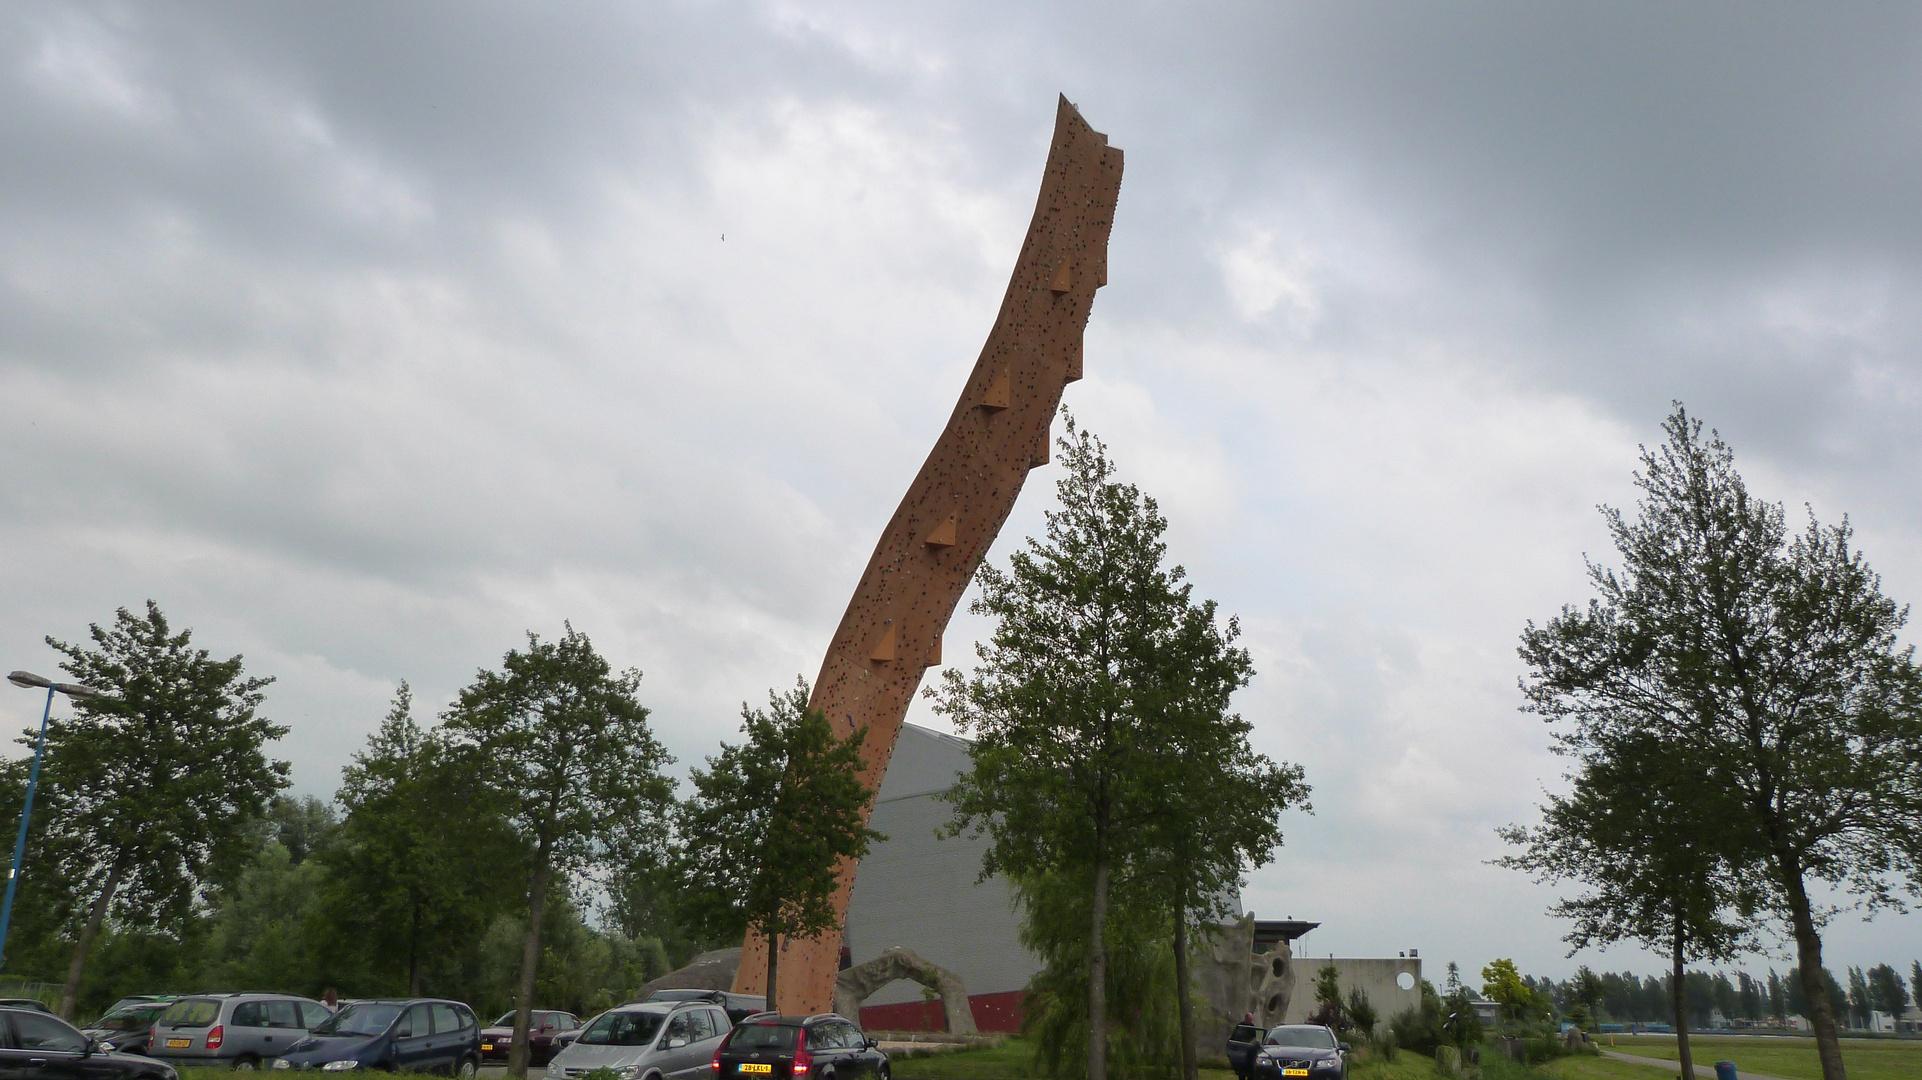 Kletterturm Excalibur